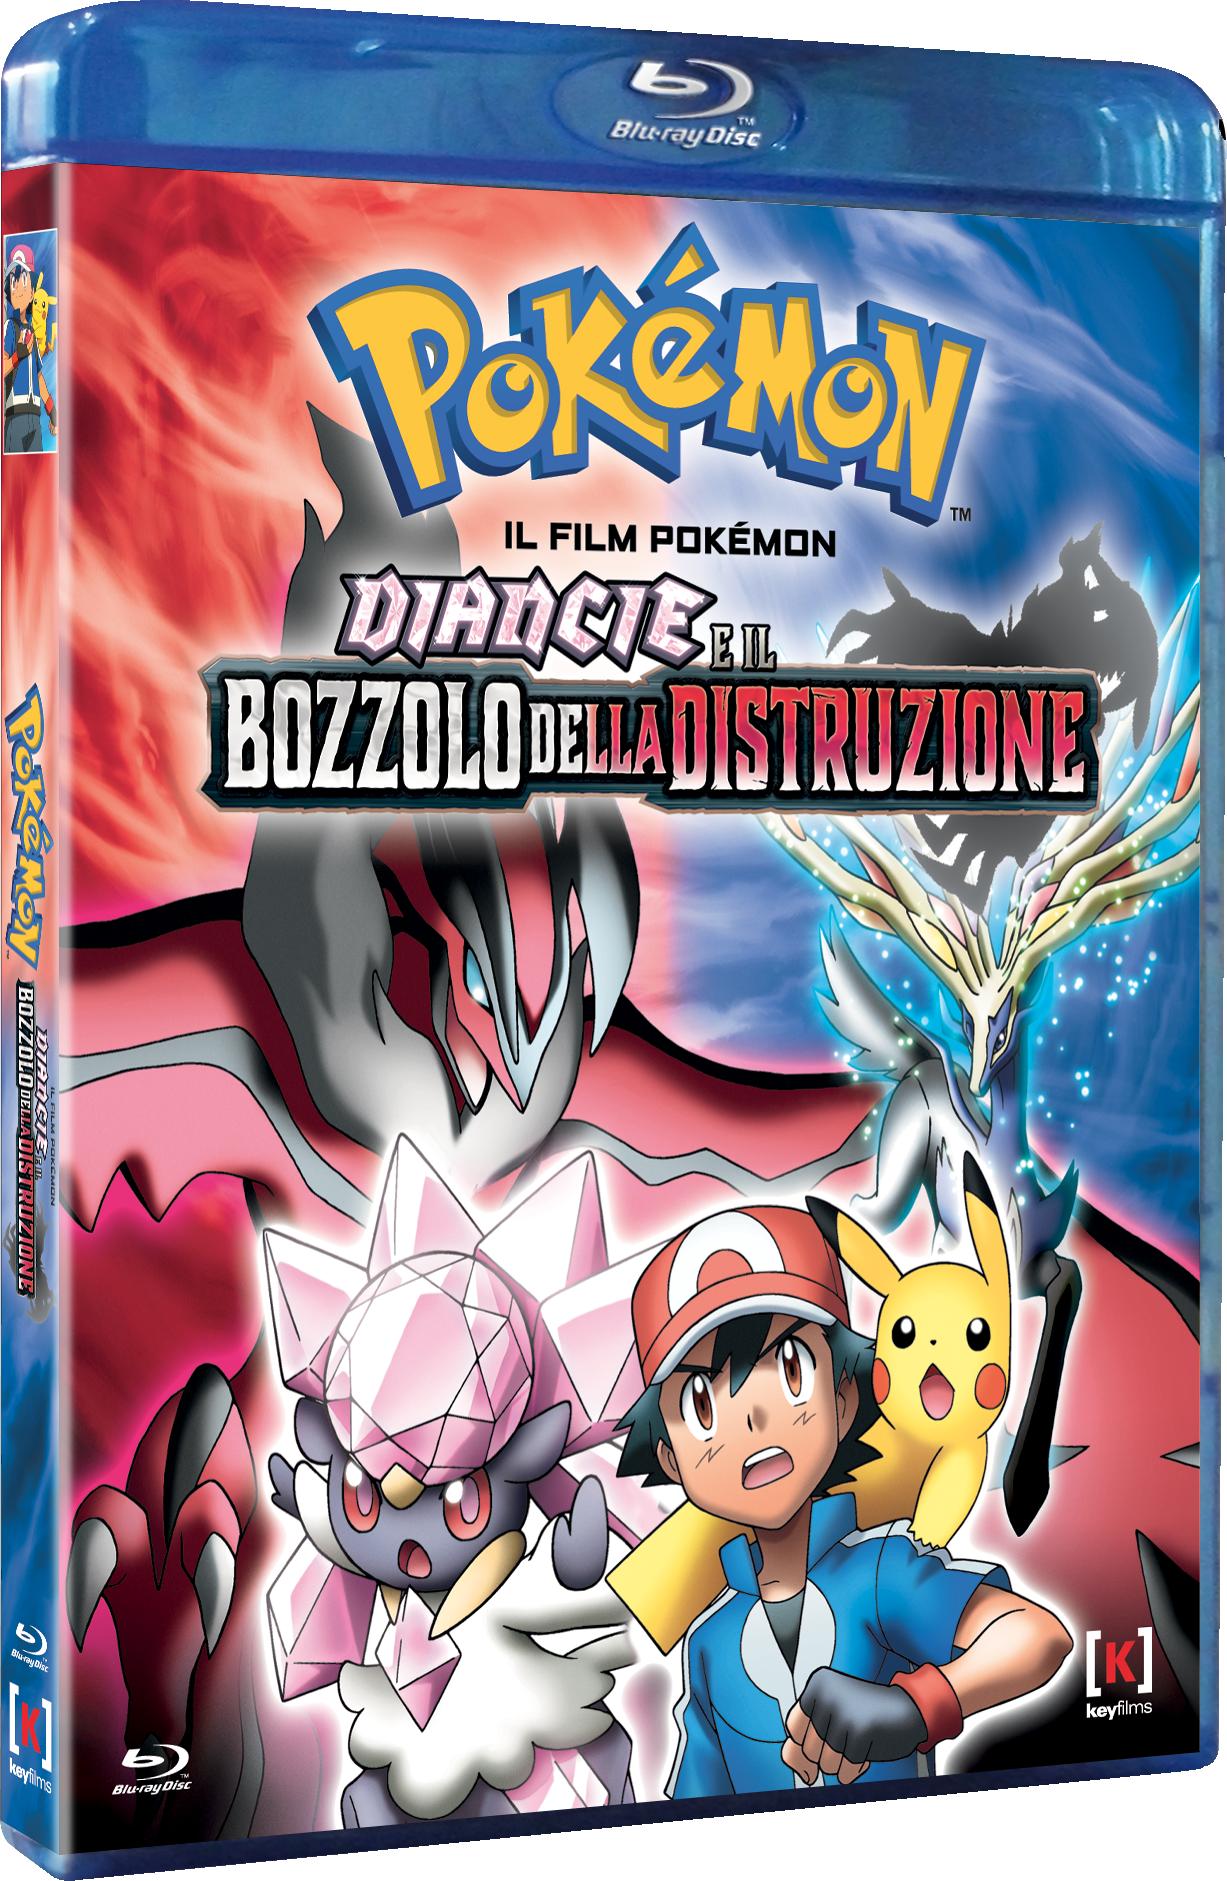 pokemon diancie e il bozzolo della distruzione blu-ray